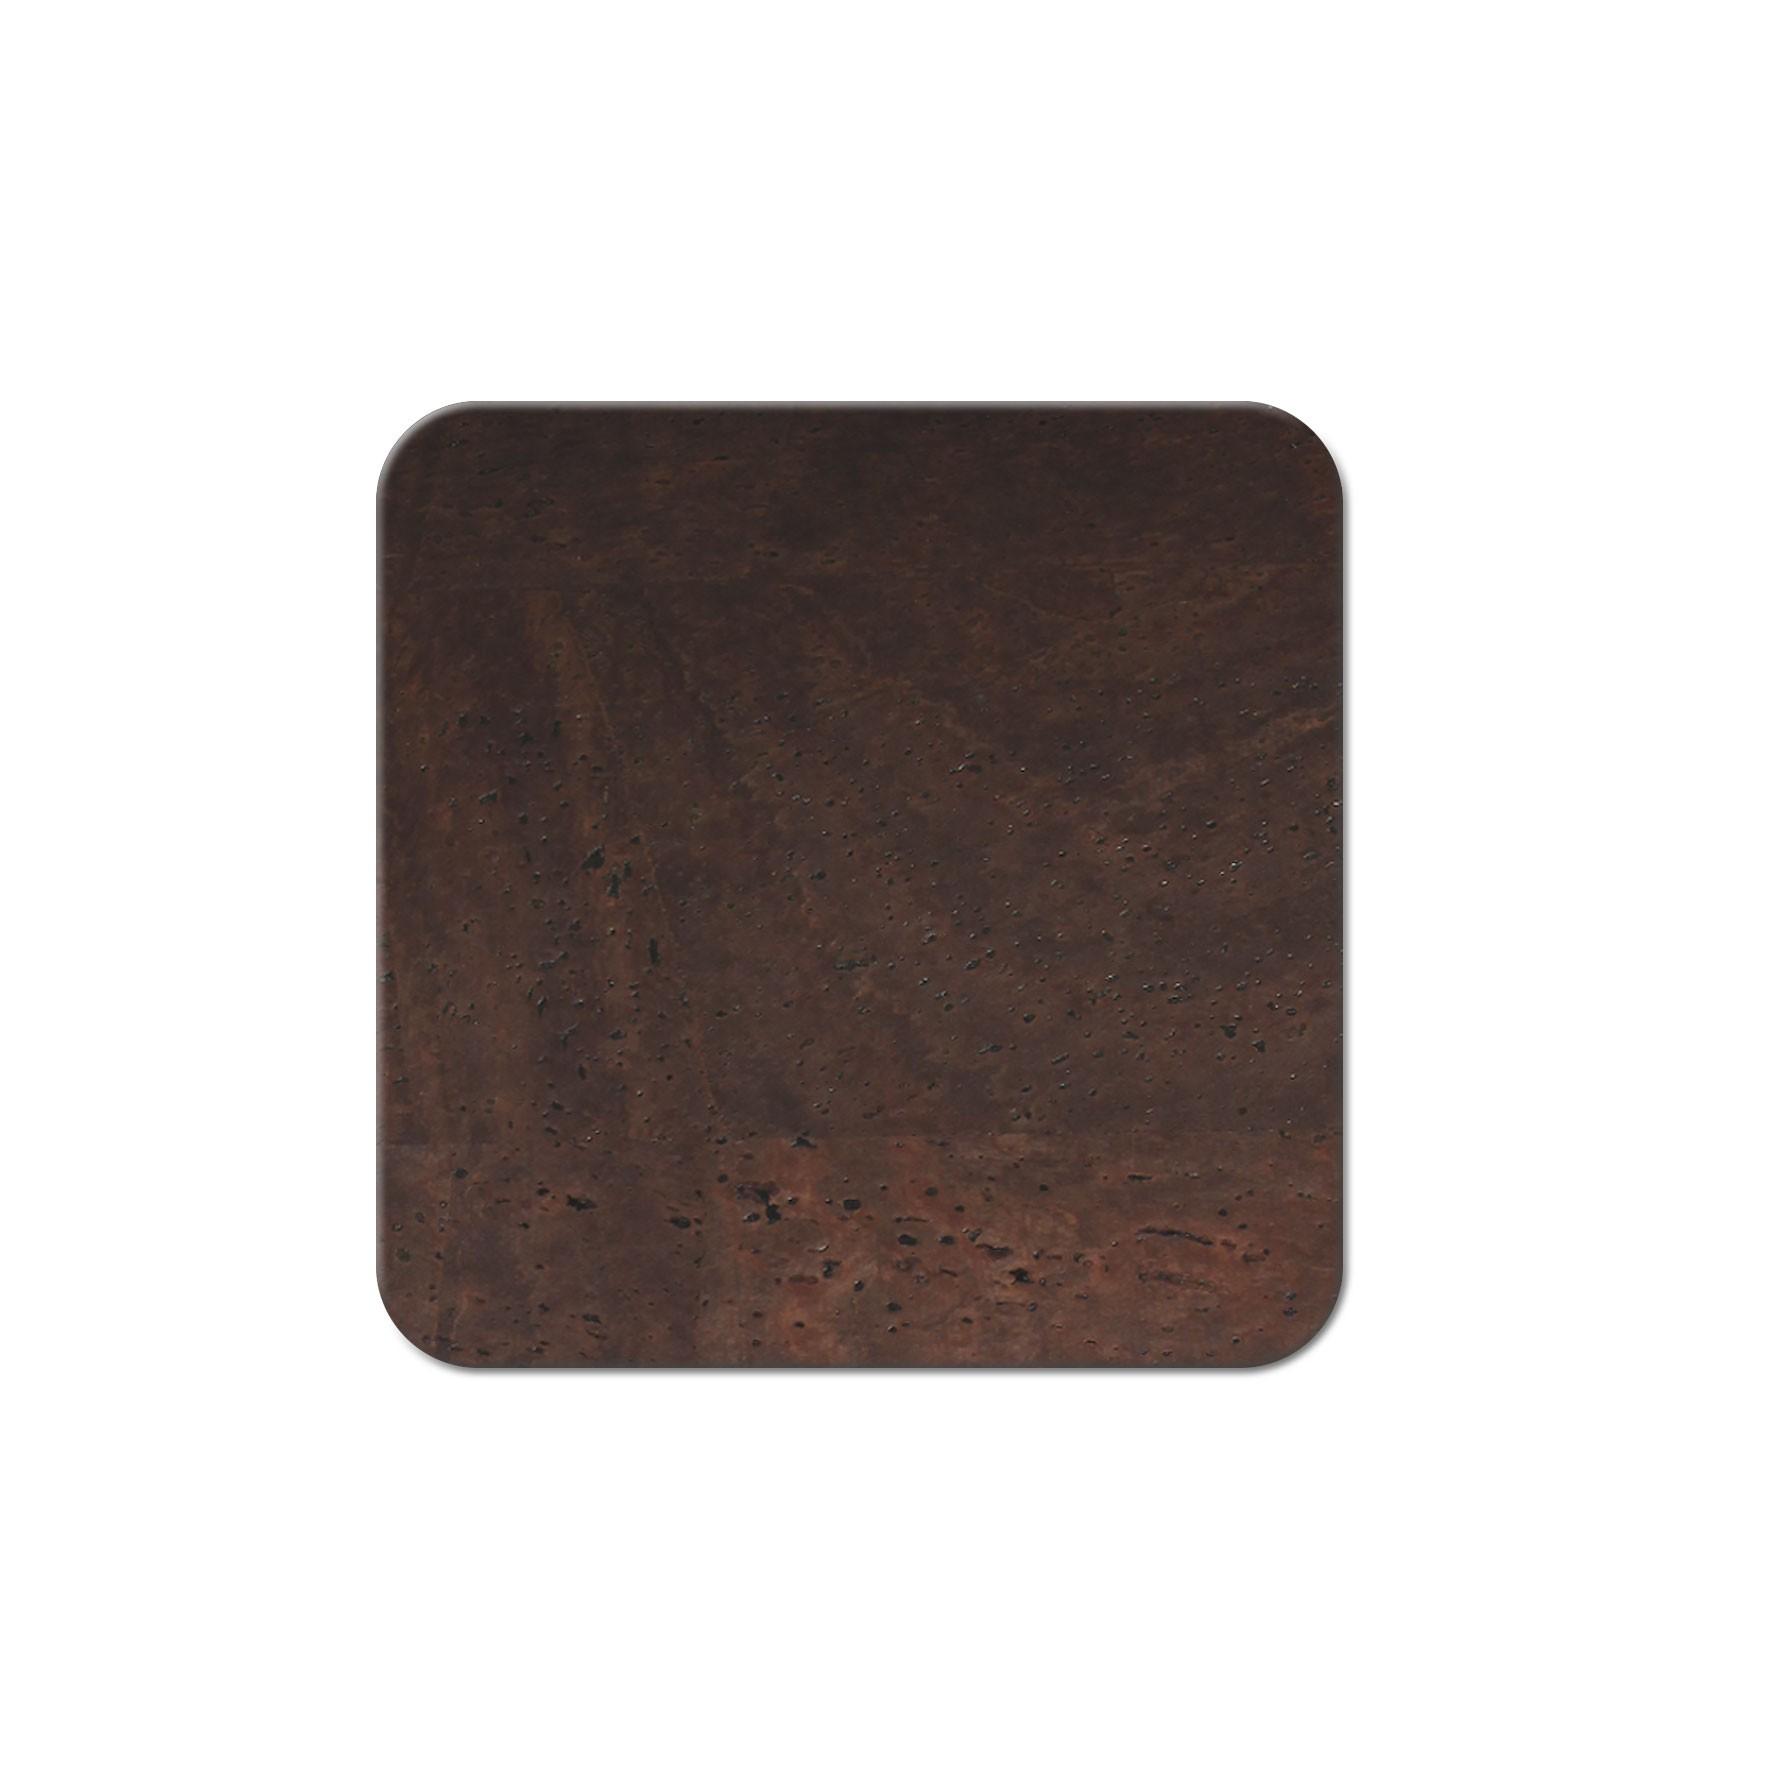 10 dessous de verres liège marron